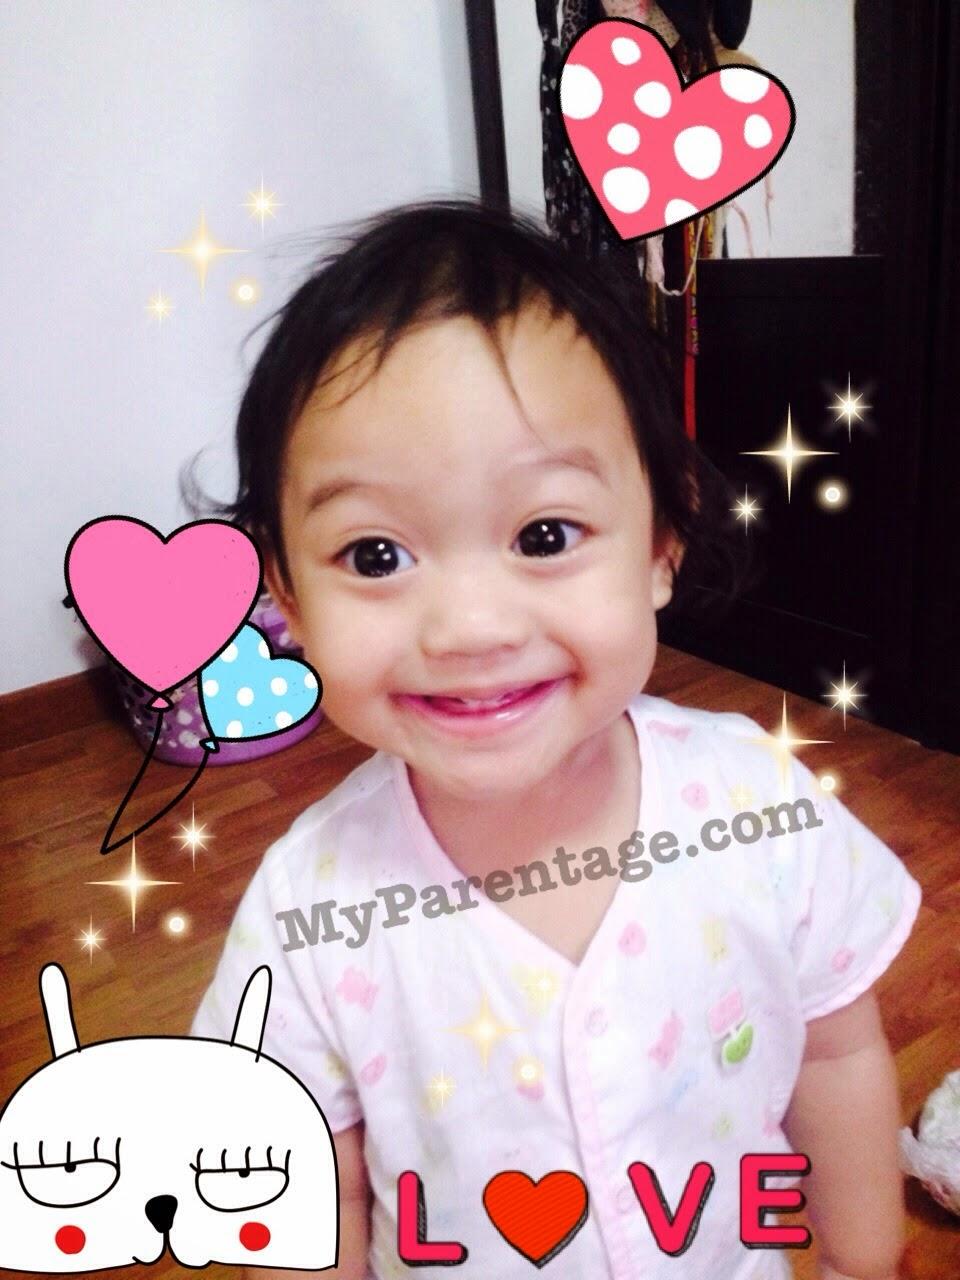 พัฒนาการเด็กและข้อควรรู้สำหรับคุณแม่ตั้งครรภ์ www.myparentage.com